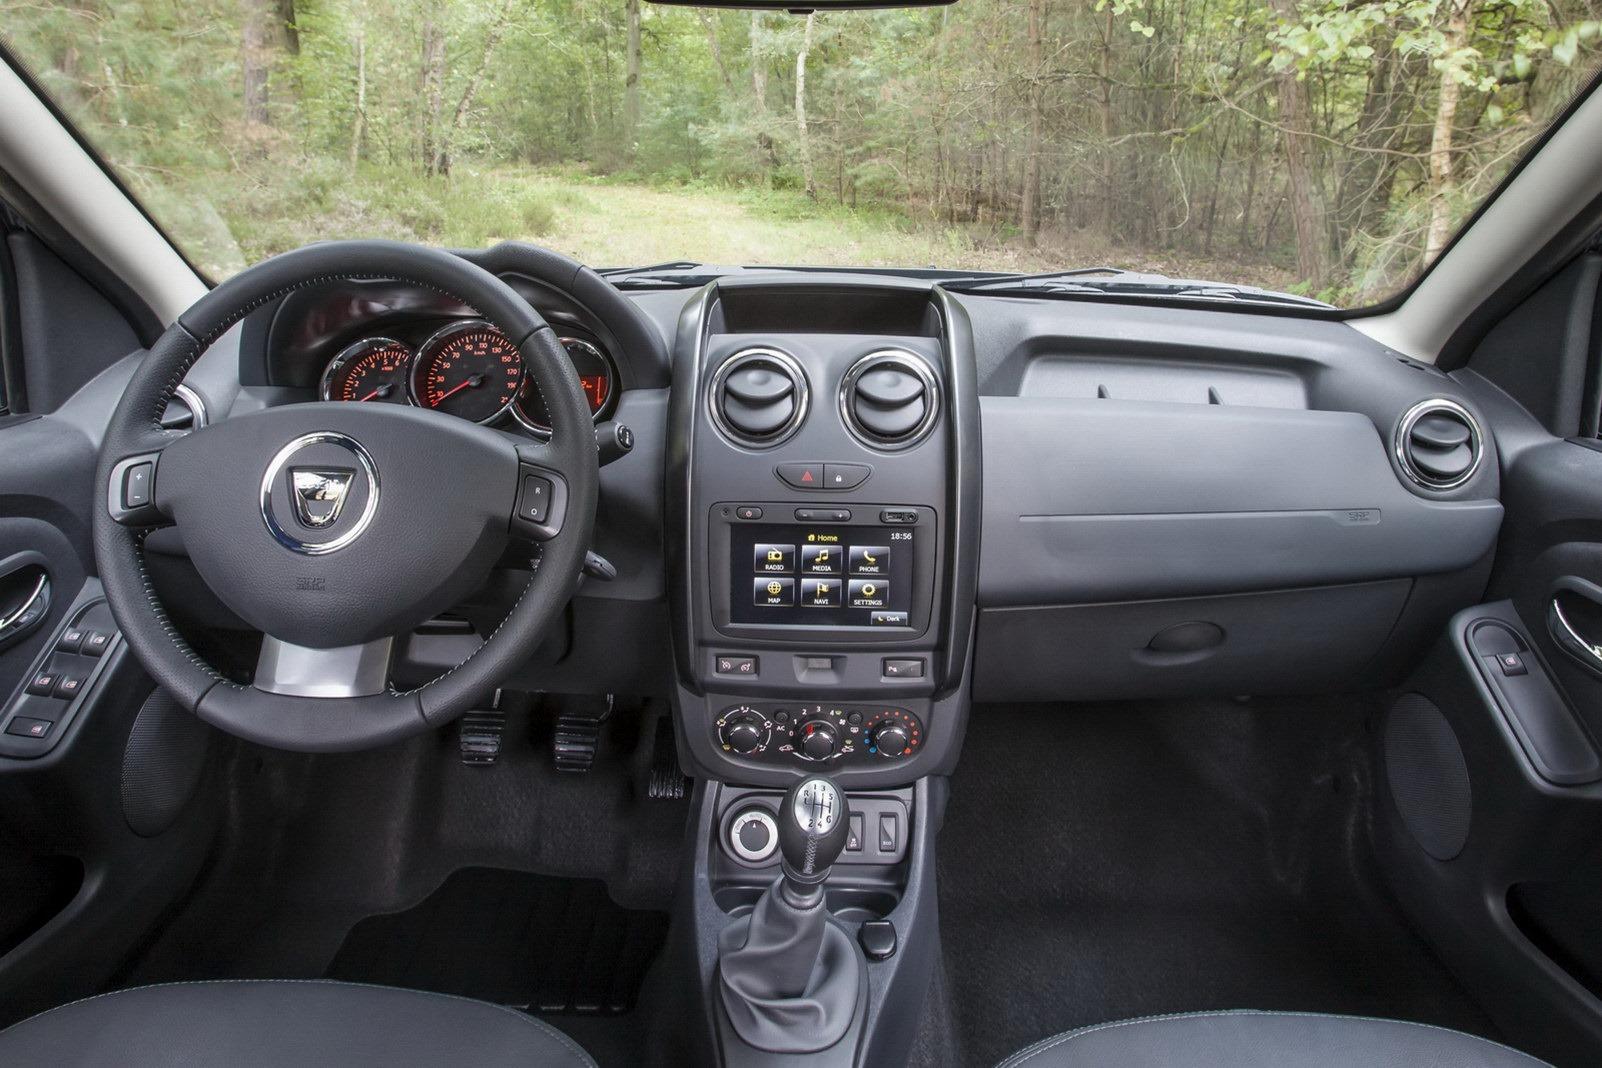 Dacia-Duster-2014-18.jpg